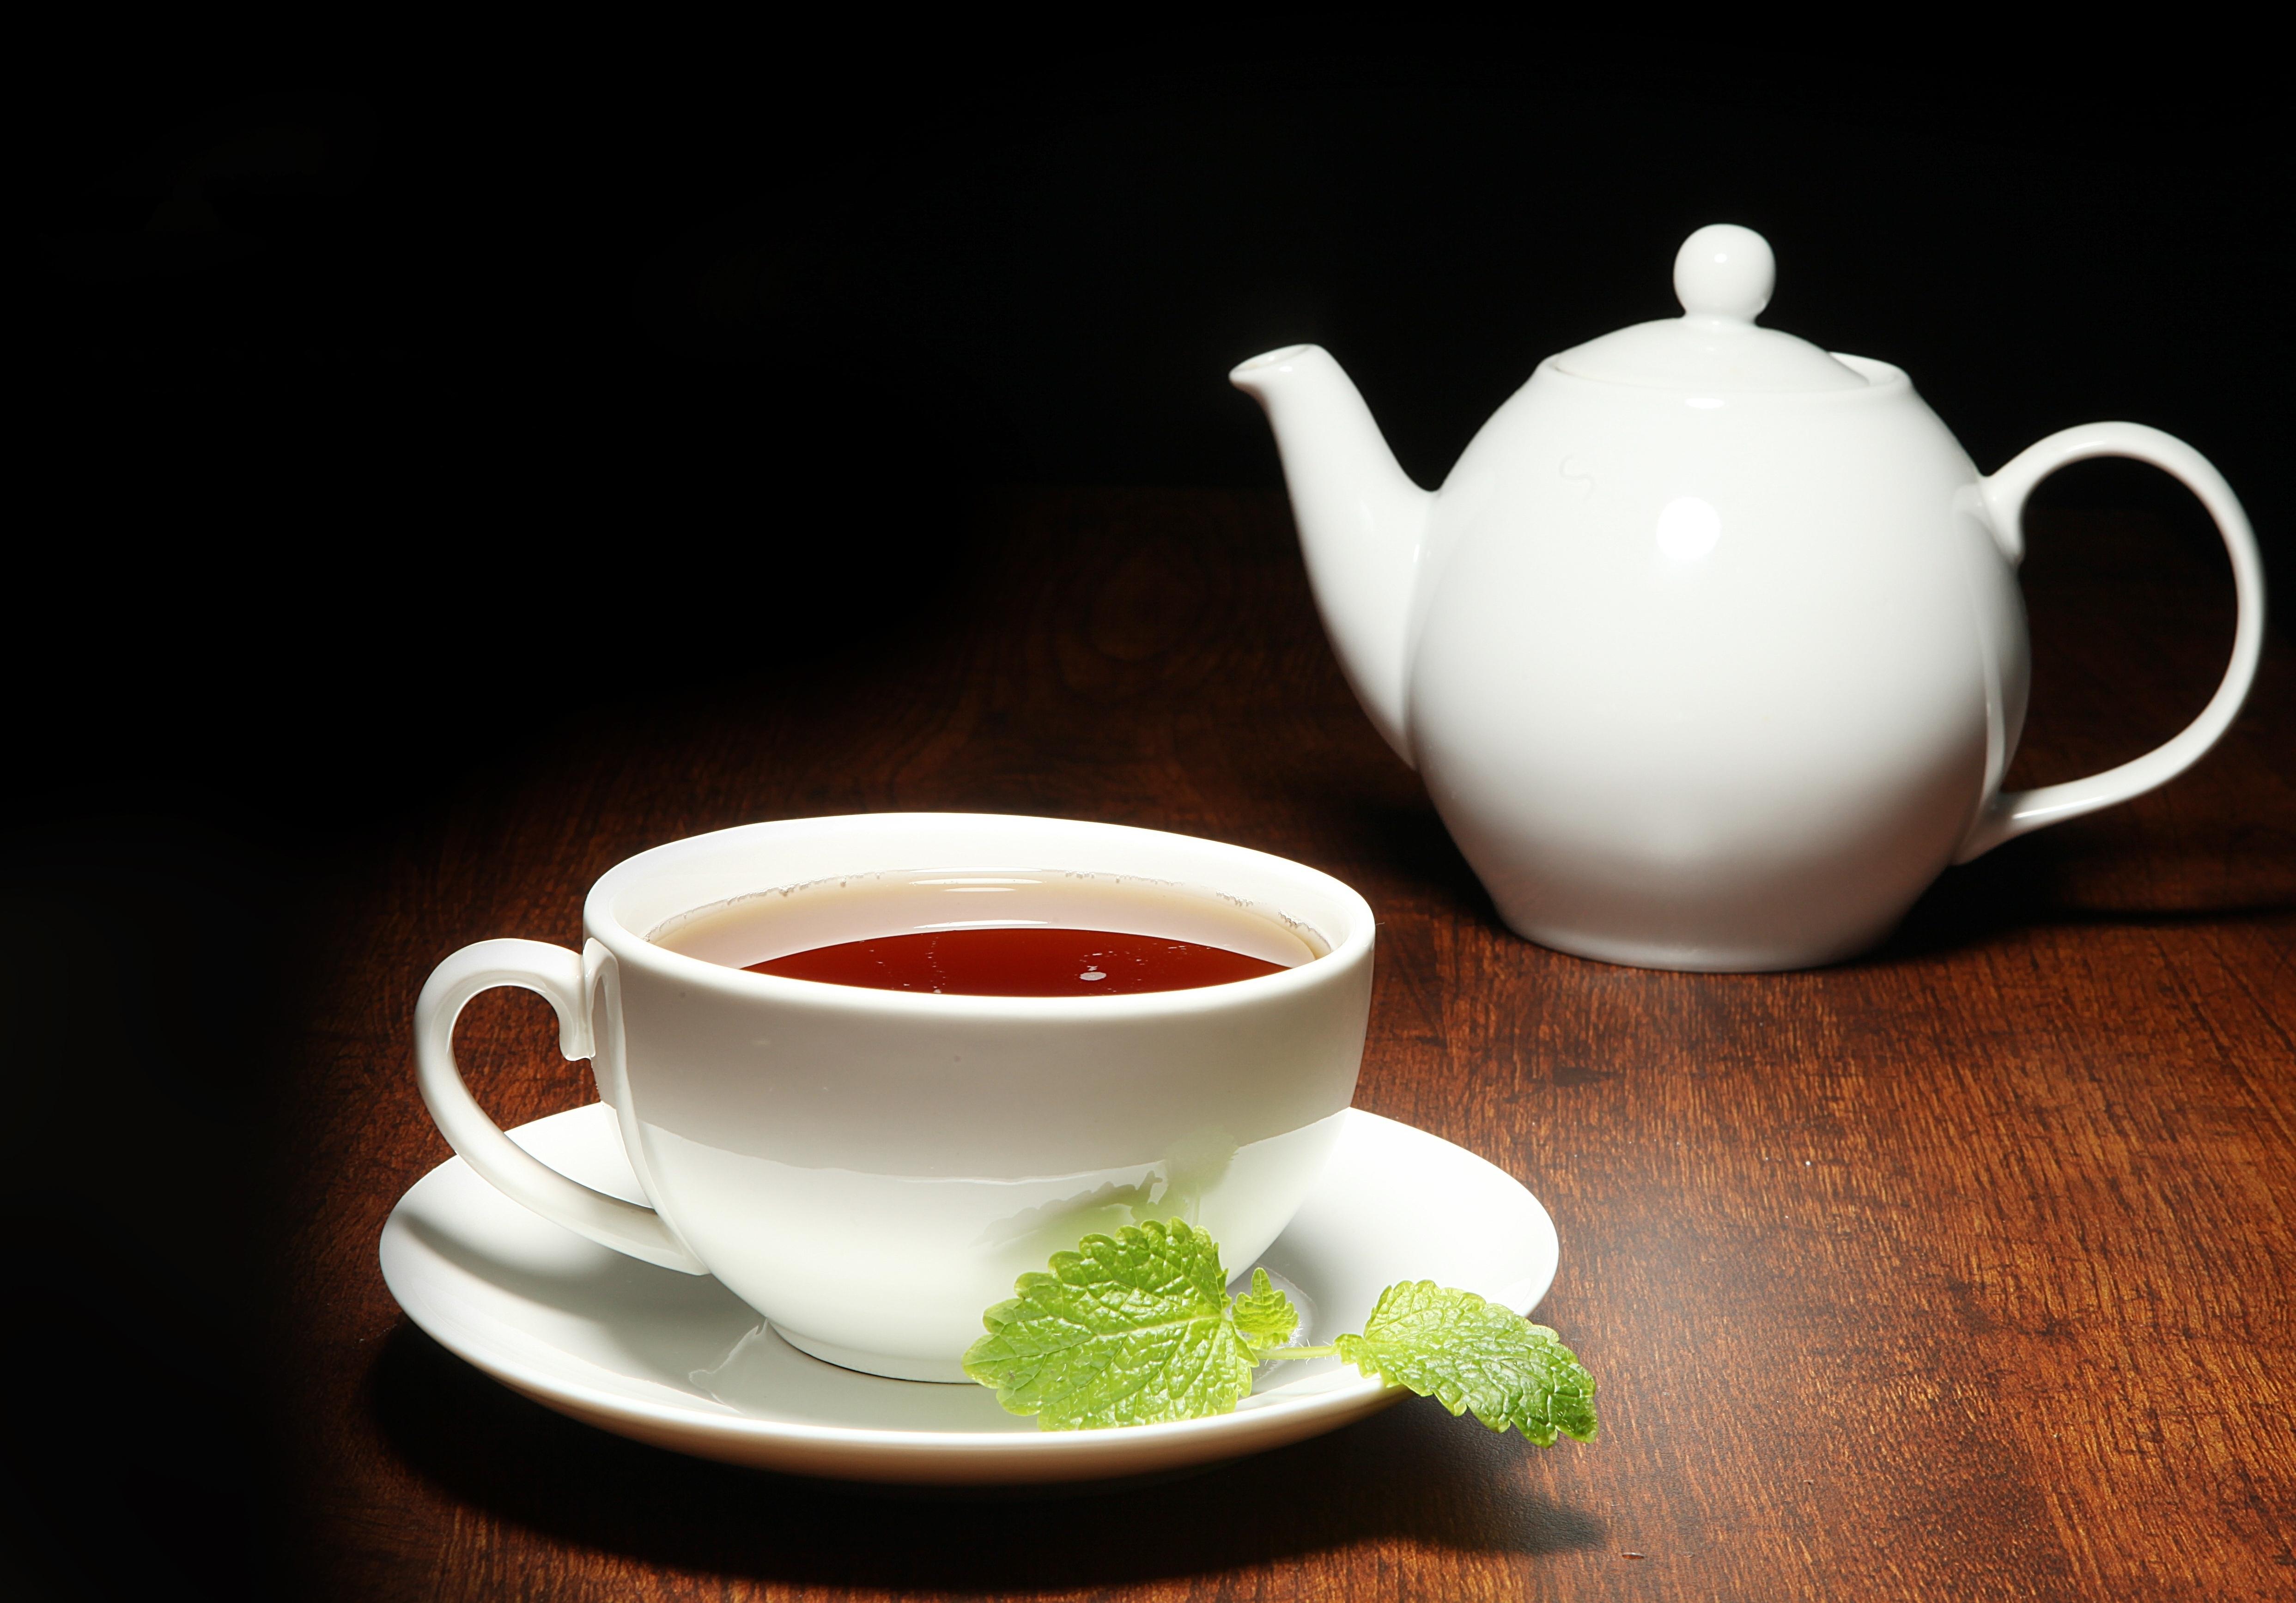 хлеб чай кружка чайник масло  № 2118836 бесплатно